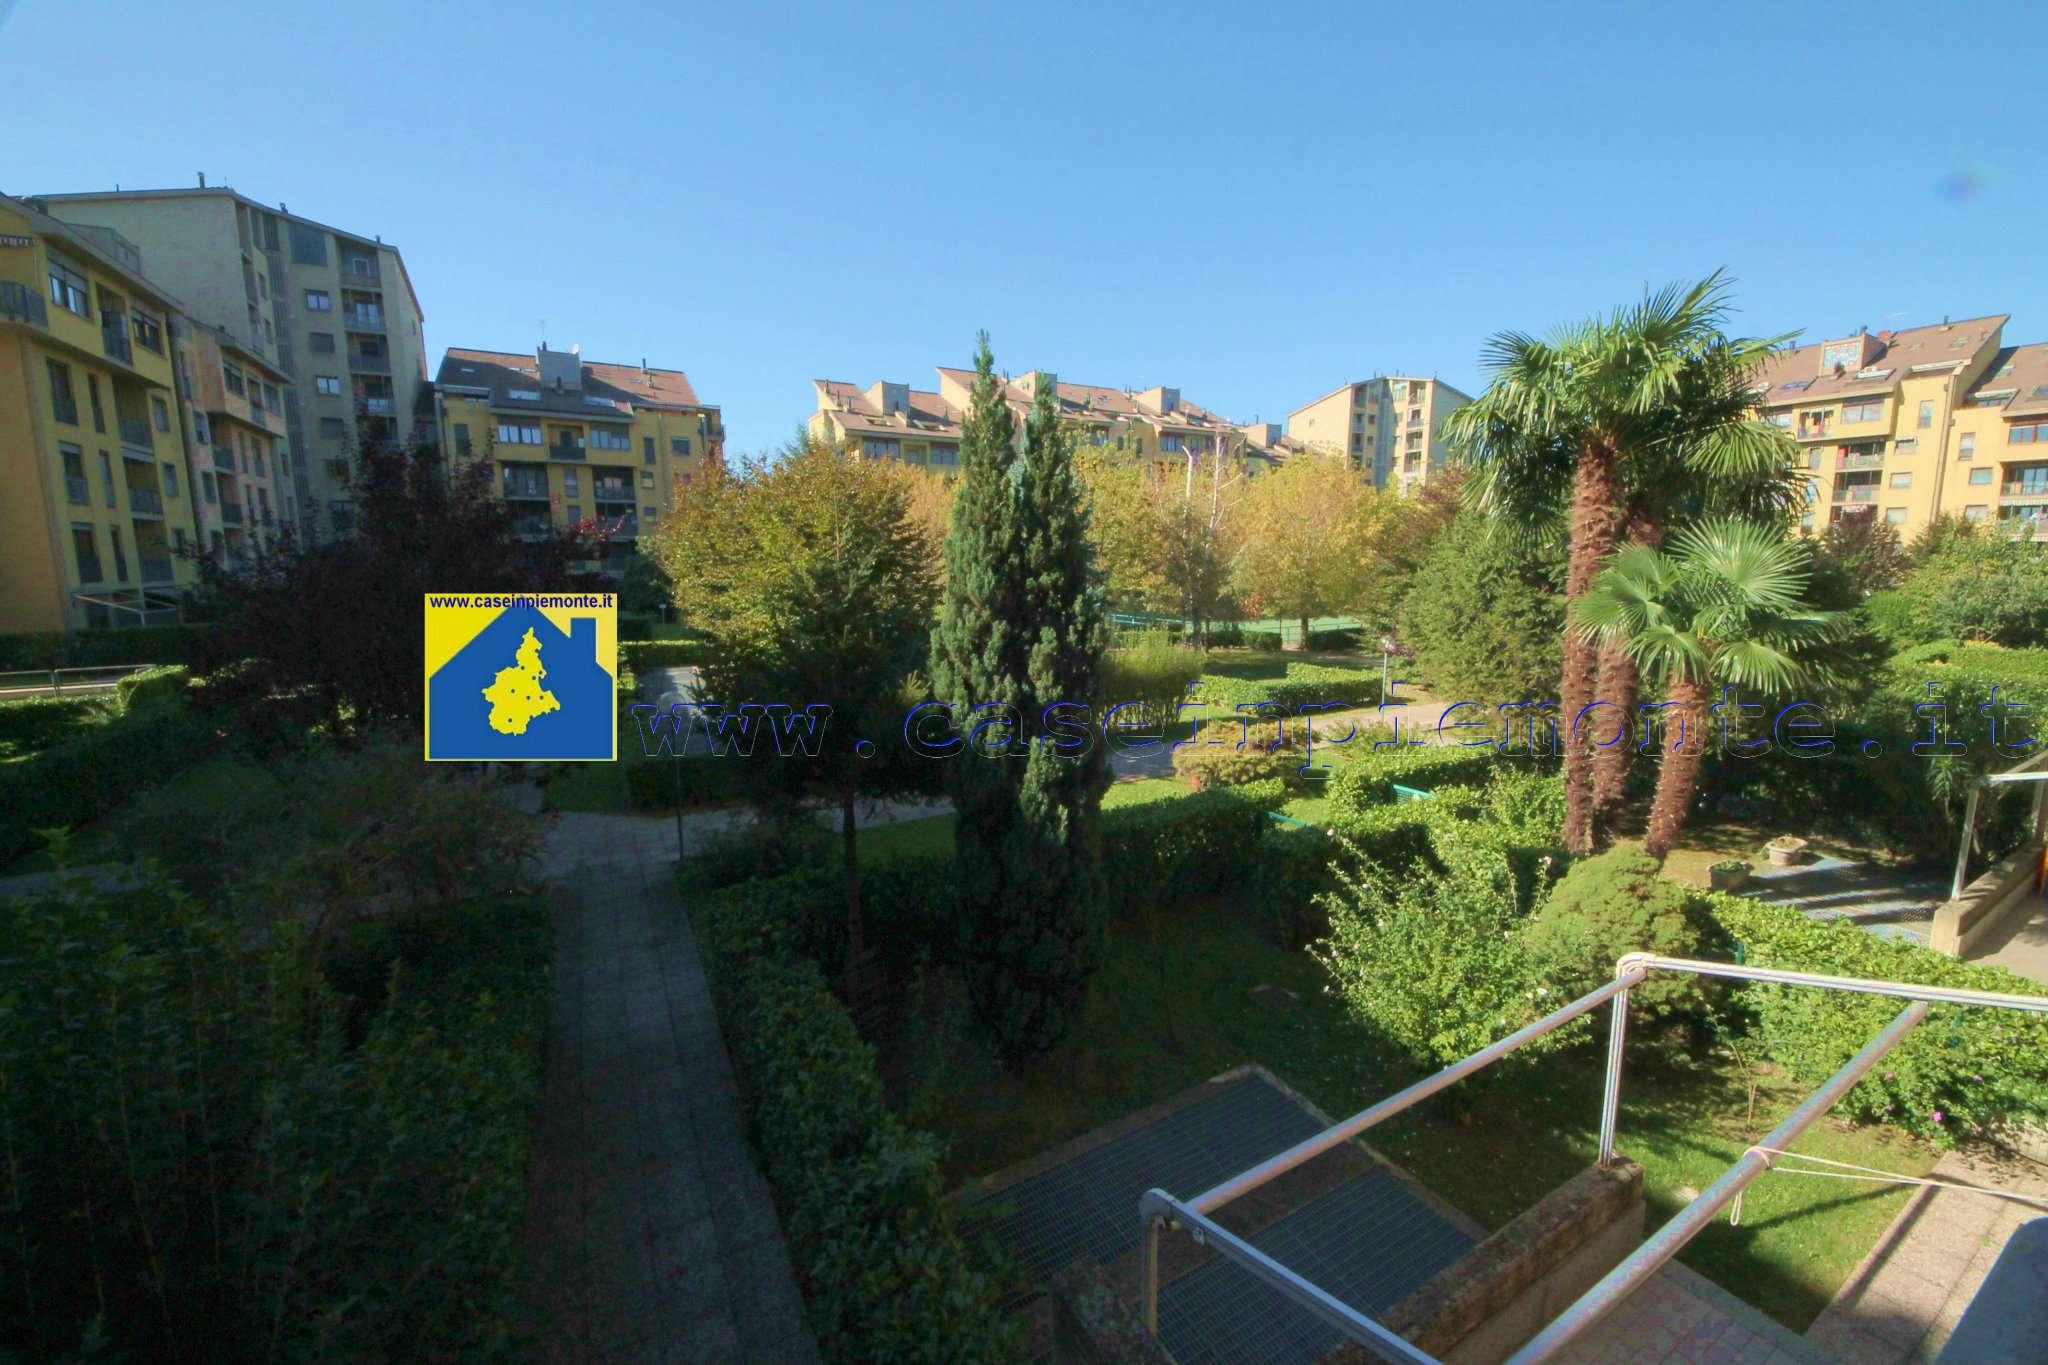 Appartamento in vendita a Rivoli, 5 locali, prezzo € 199.000 | PortaleAgenzieImmobiliari.it